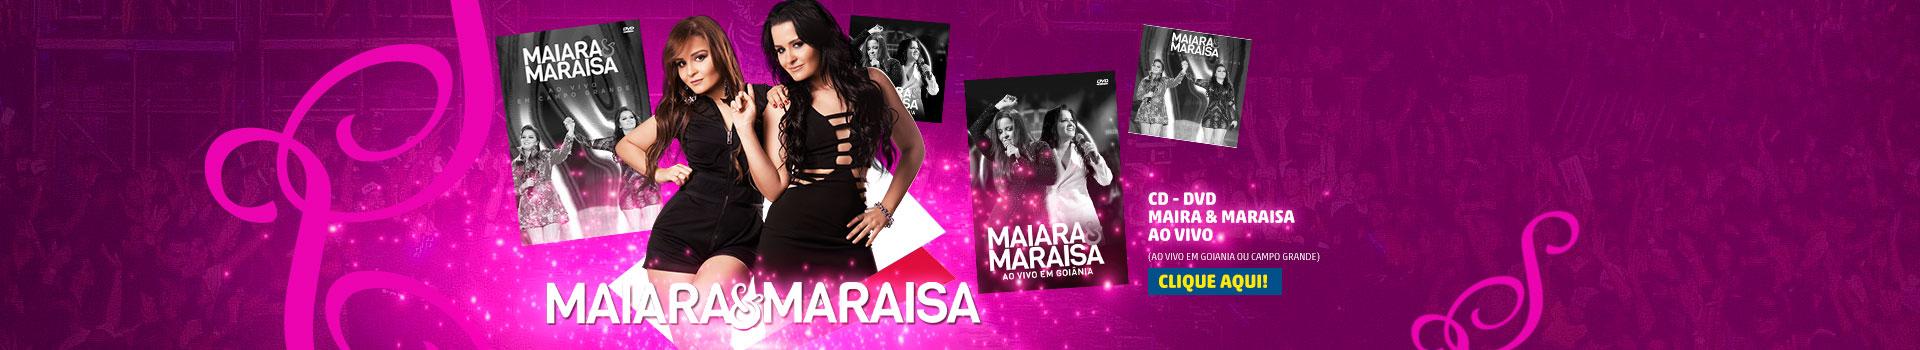 Maira e Maraisa